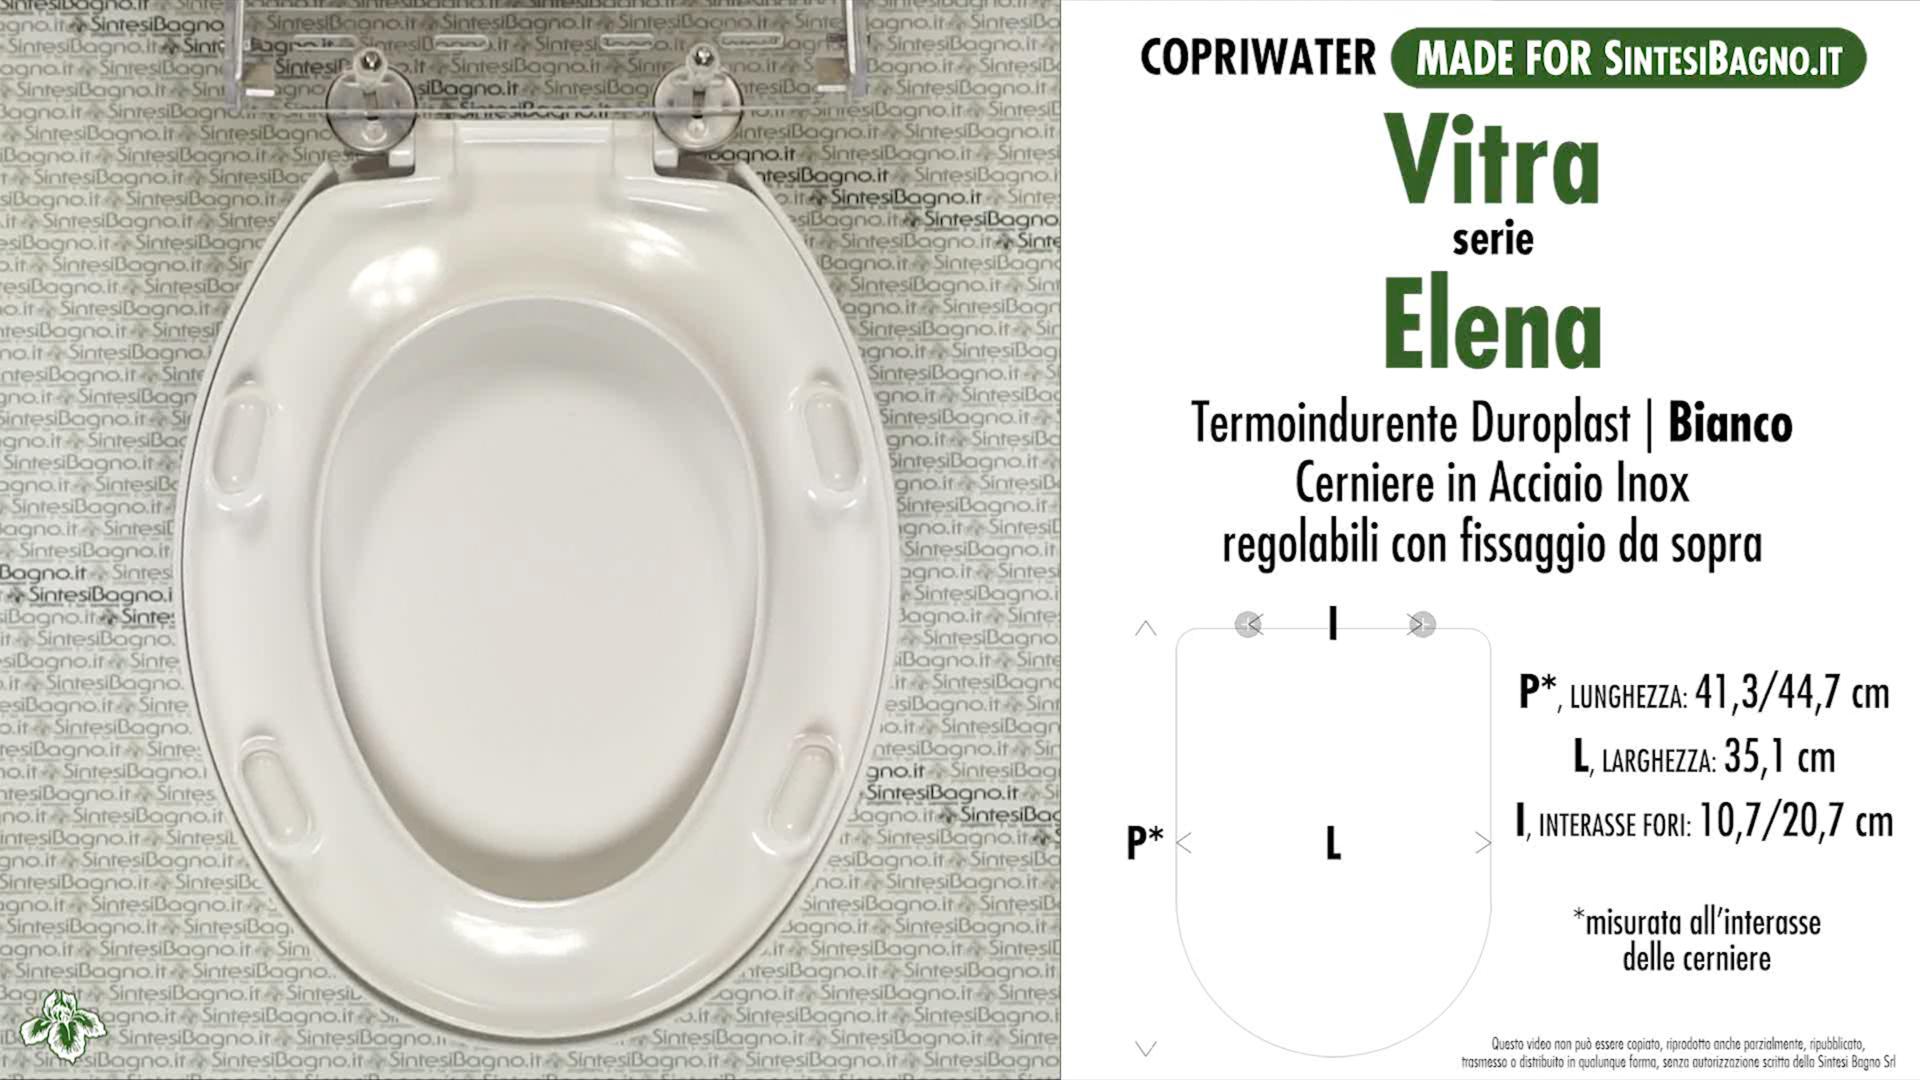 SCHEDA TECNICA MISURE copriwater VITRA ELENA